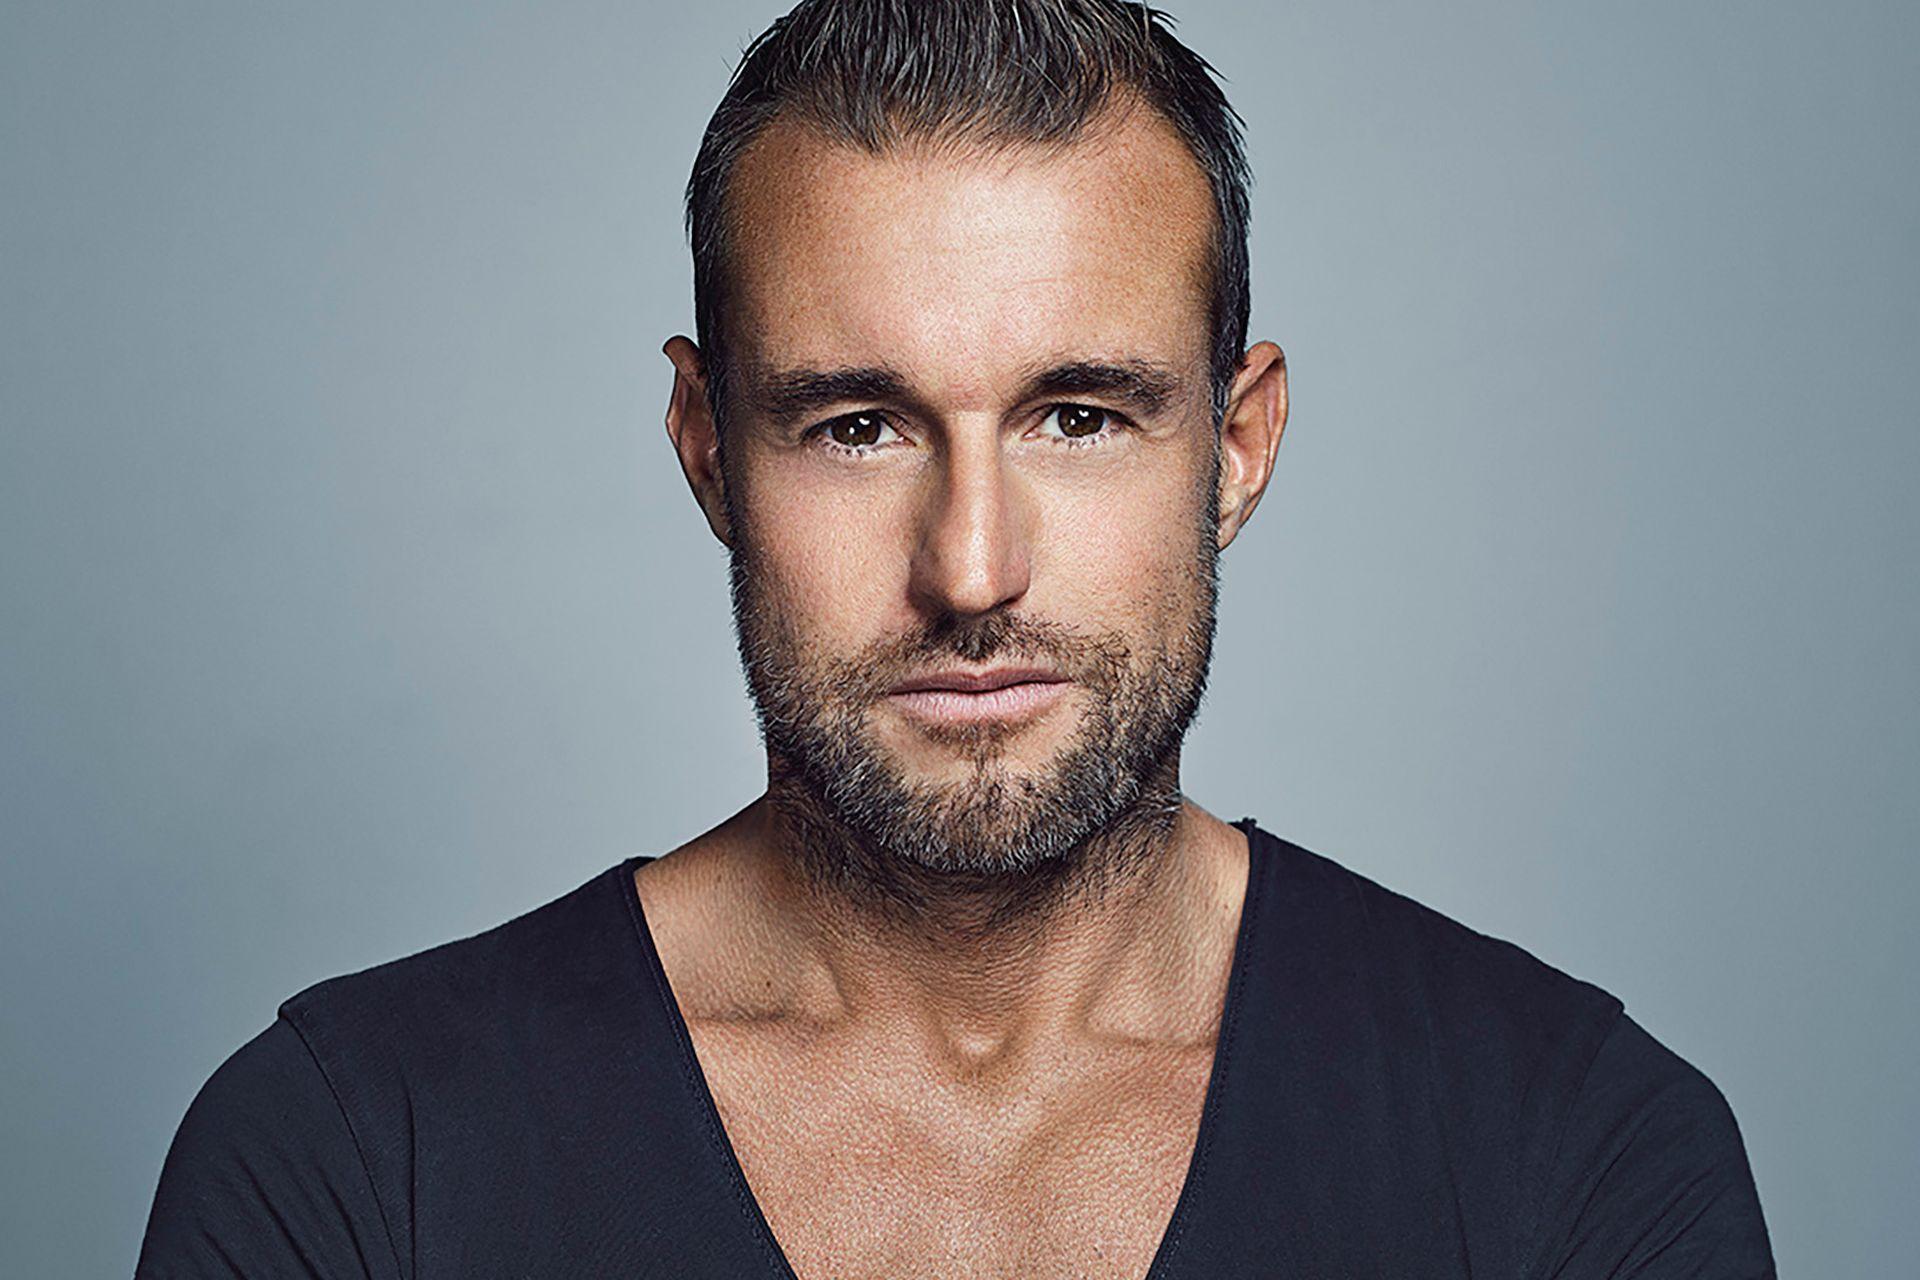 Philipp Plein Schoudertasje : Philipp plein is getting serious about sportswear british gq